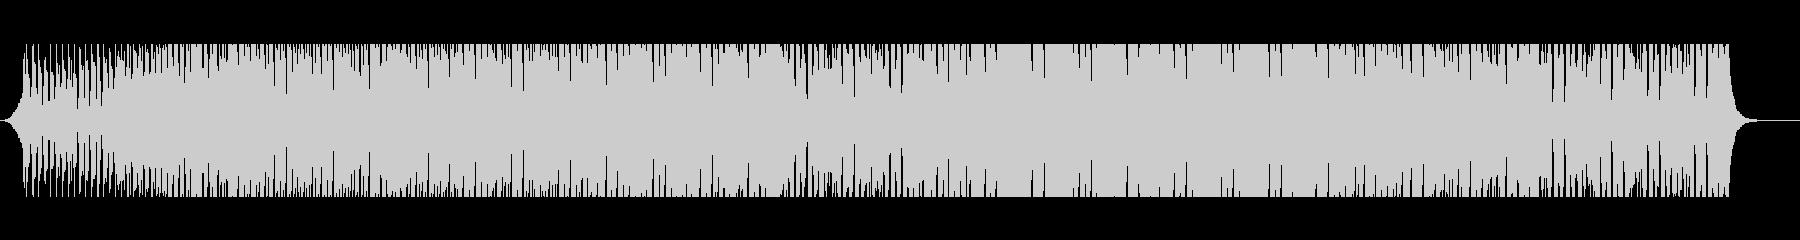 トロピカルパラダイスの未再生の波形